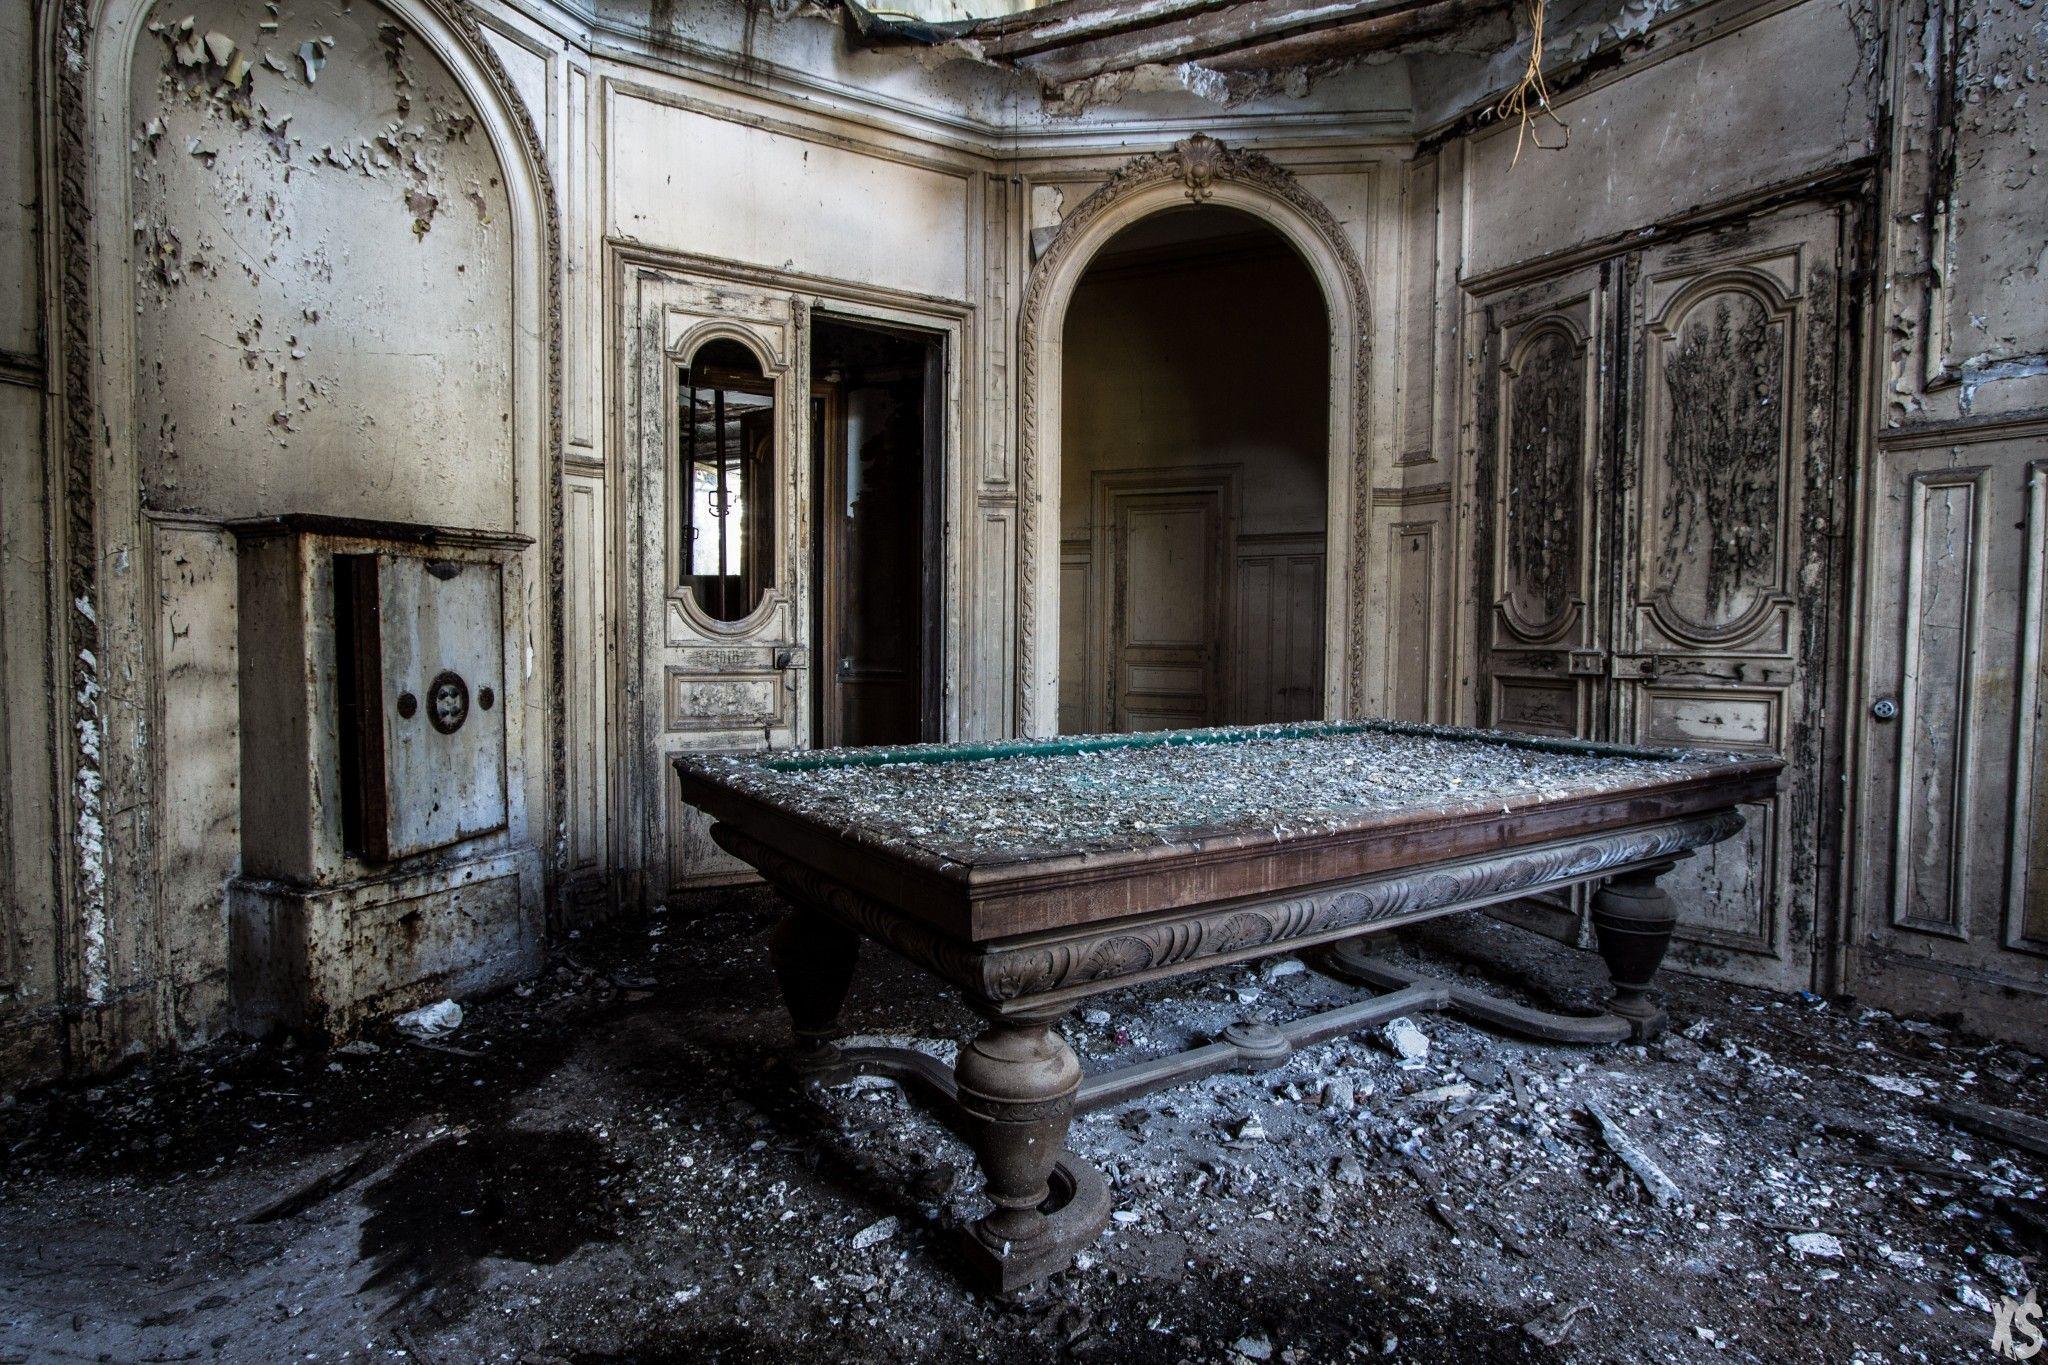 Manoir pavlovich le de france architecture abandonn e for Acheter maison france voisine geneve